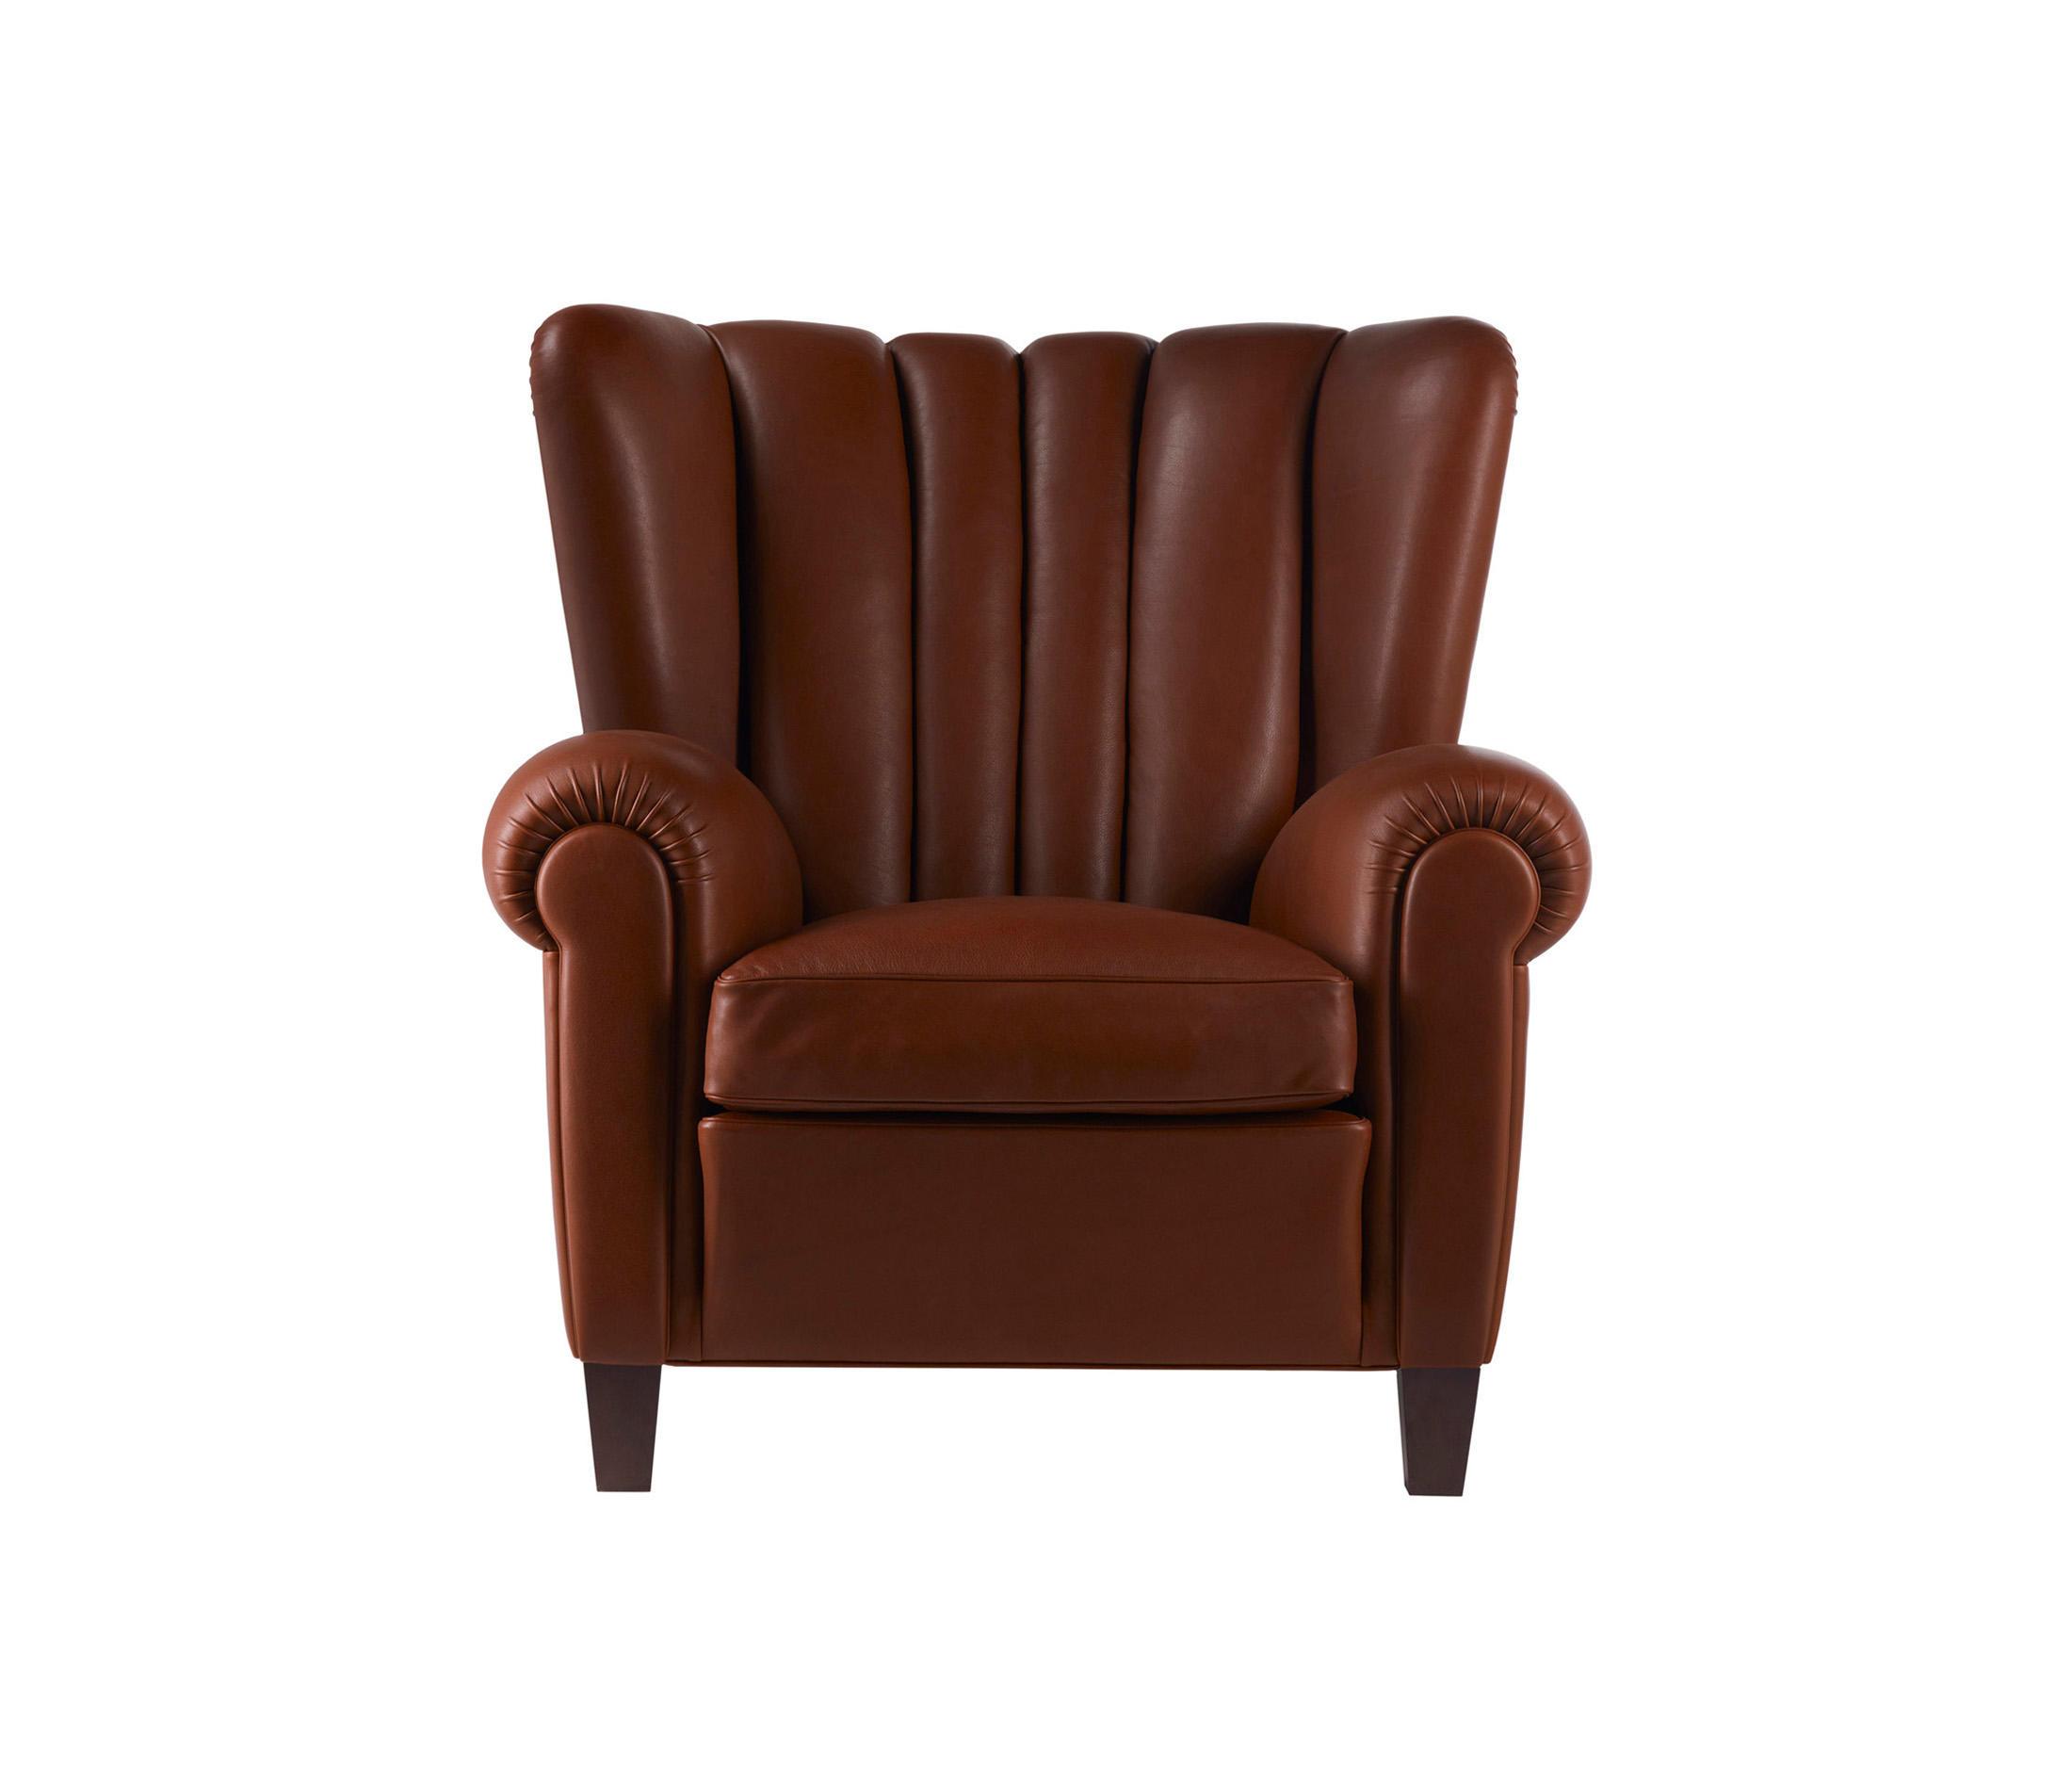 Leather sofa by poltrona frau at 1stdibs -  Savina By Poltrona Frau Lounge Chairs